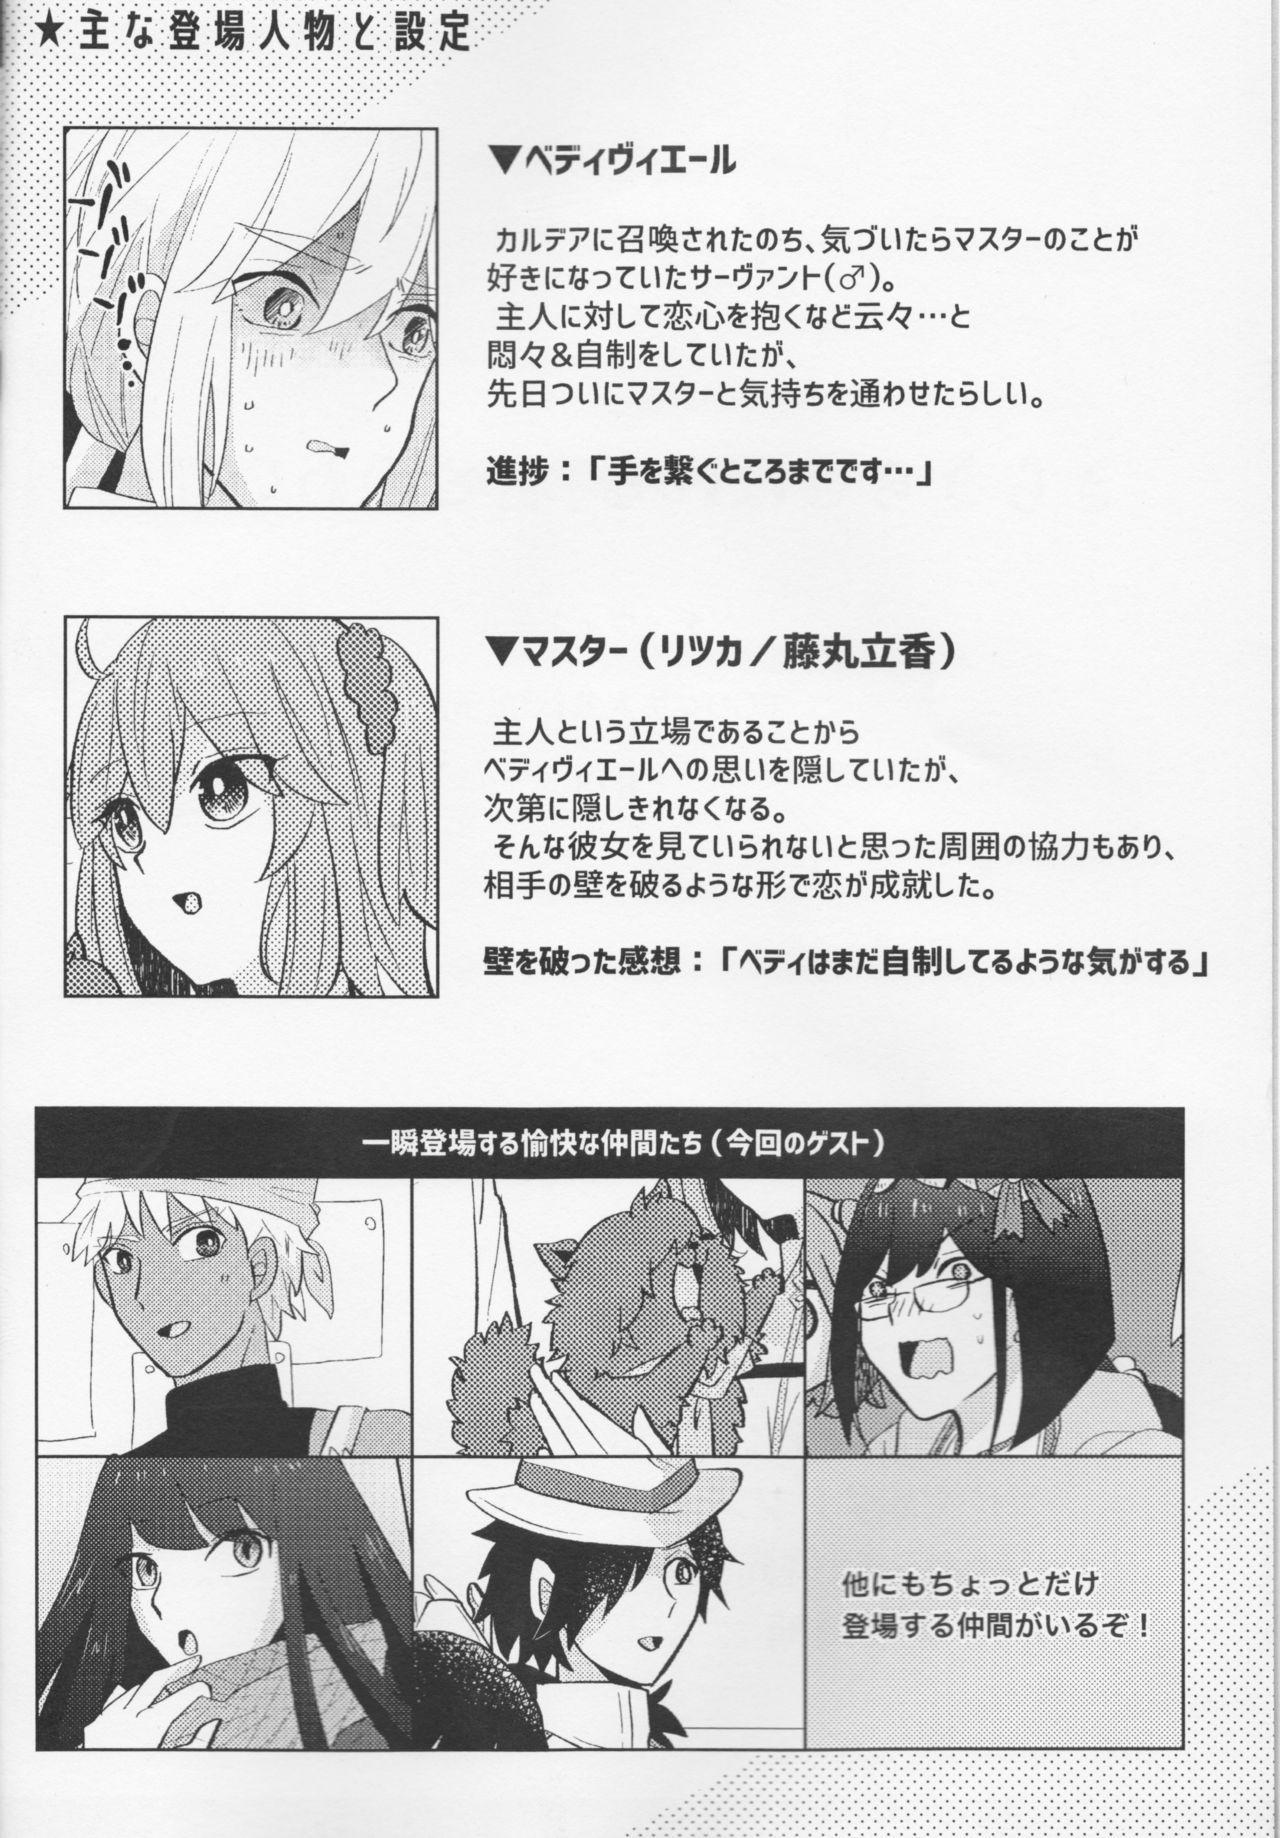 Kirakira Koboreru, Kimi to no Waidan 3